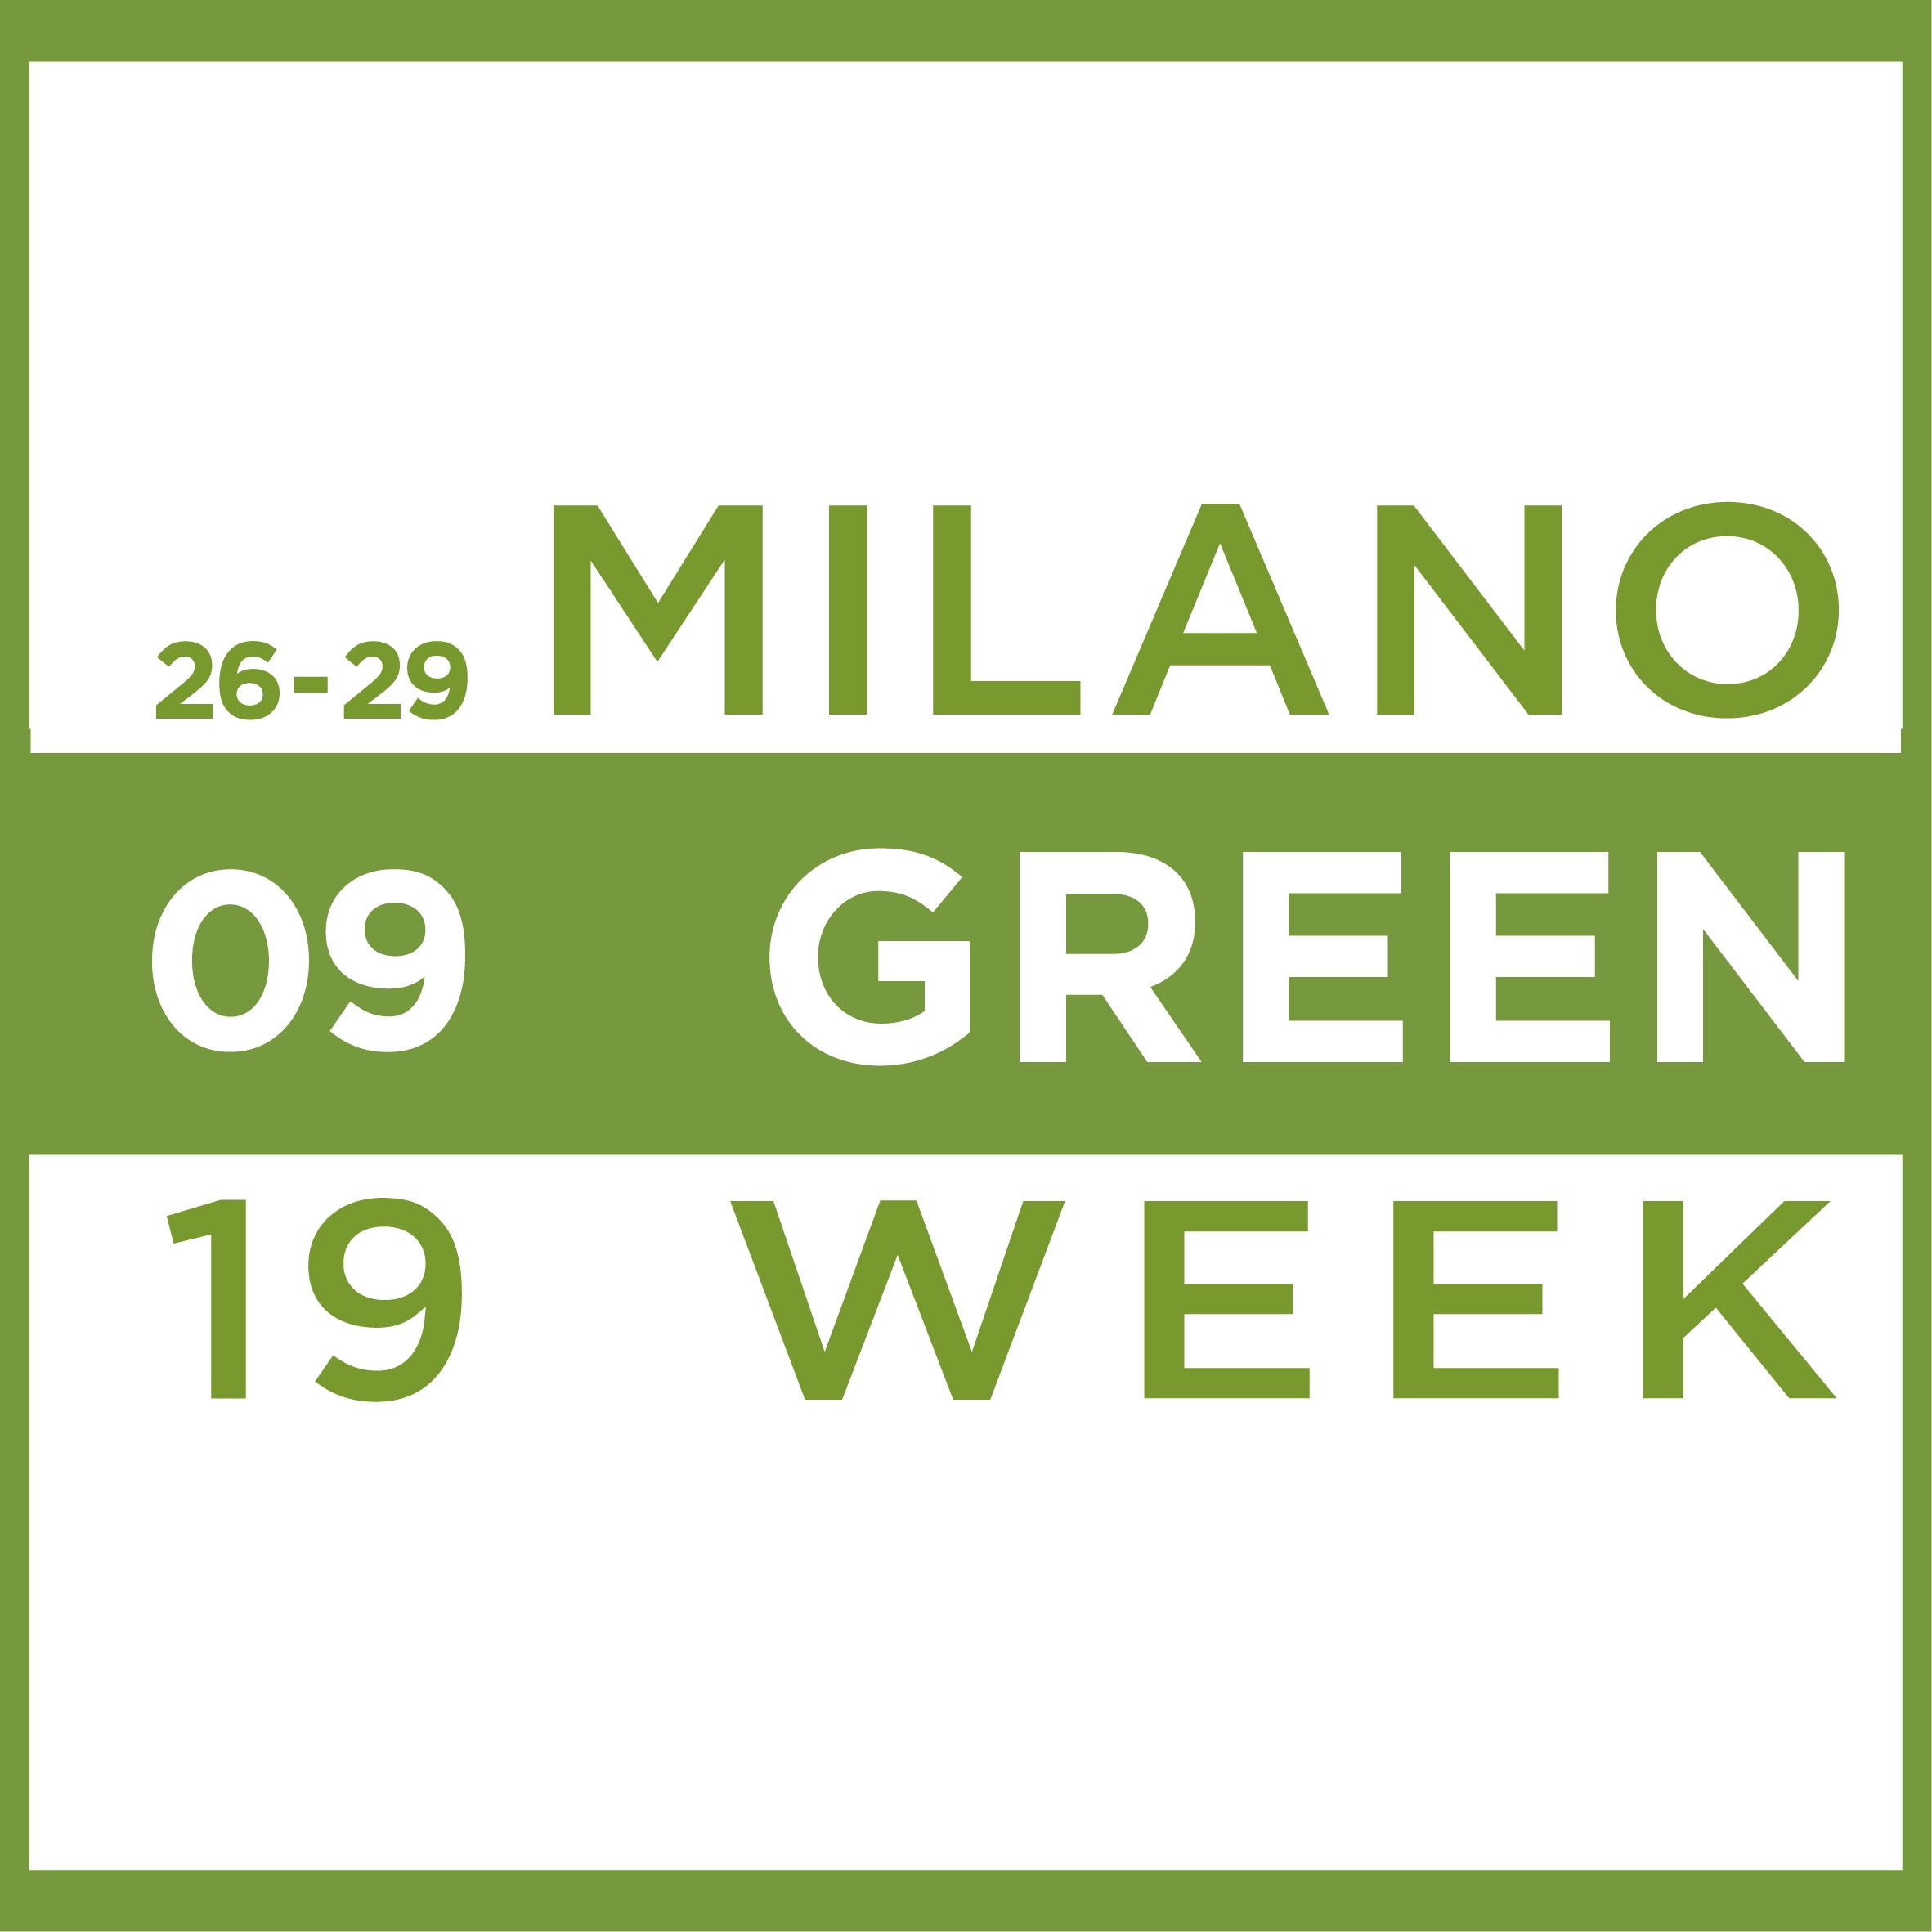 Milano Green week: alcune segnalazioni